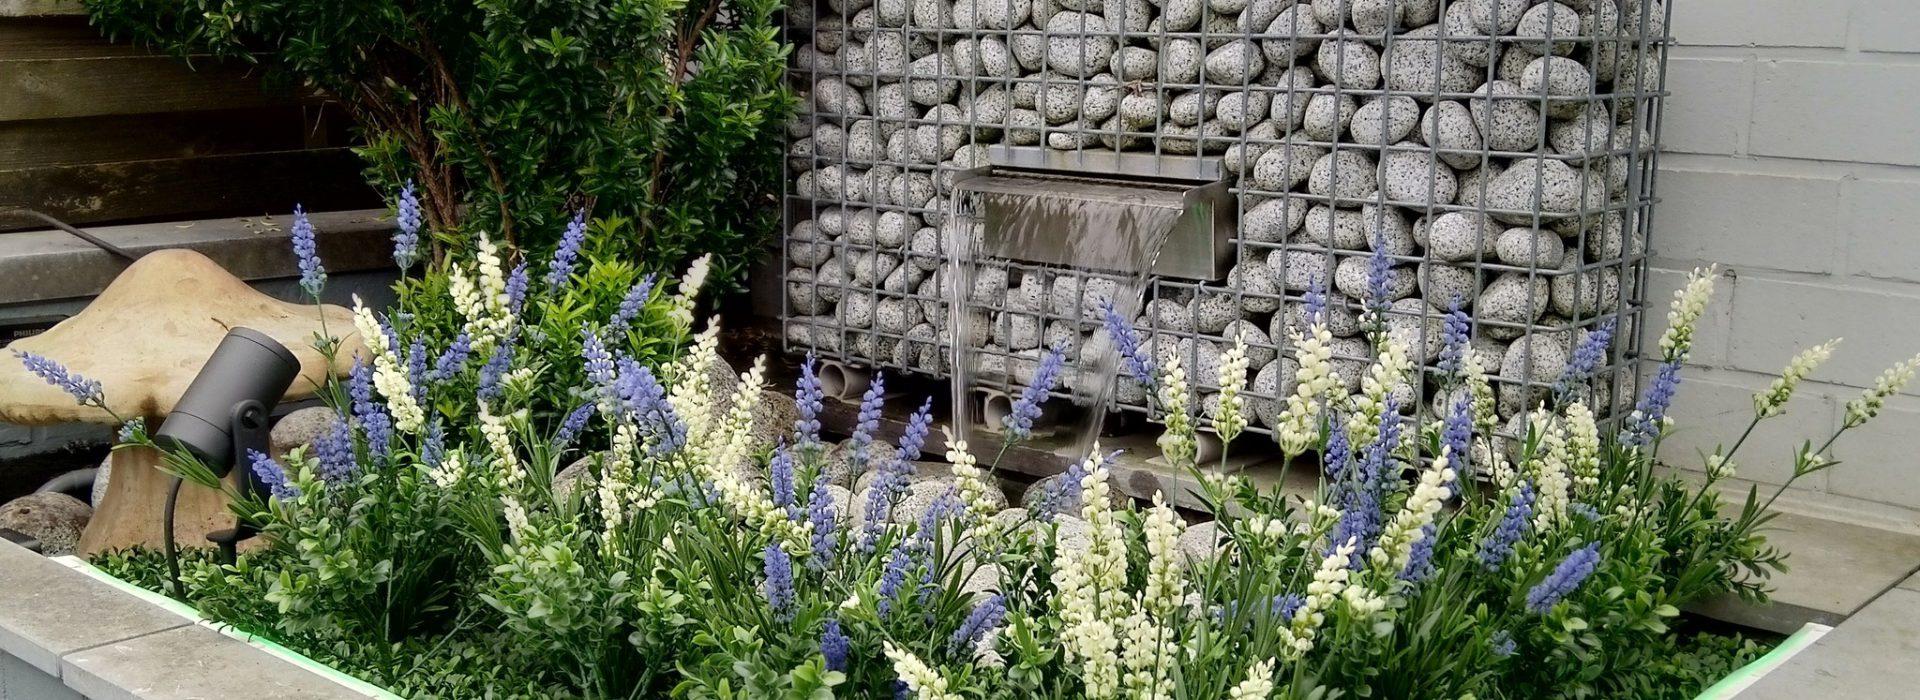 Minder tijd kwijt aan tuinieren? Kies voor kunstplanten in de tuin!